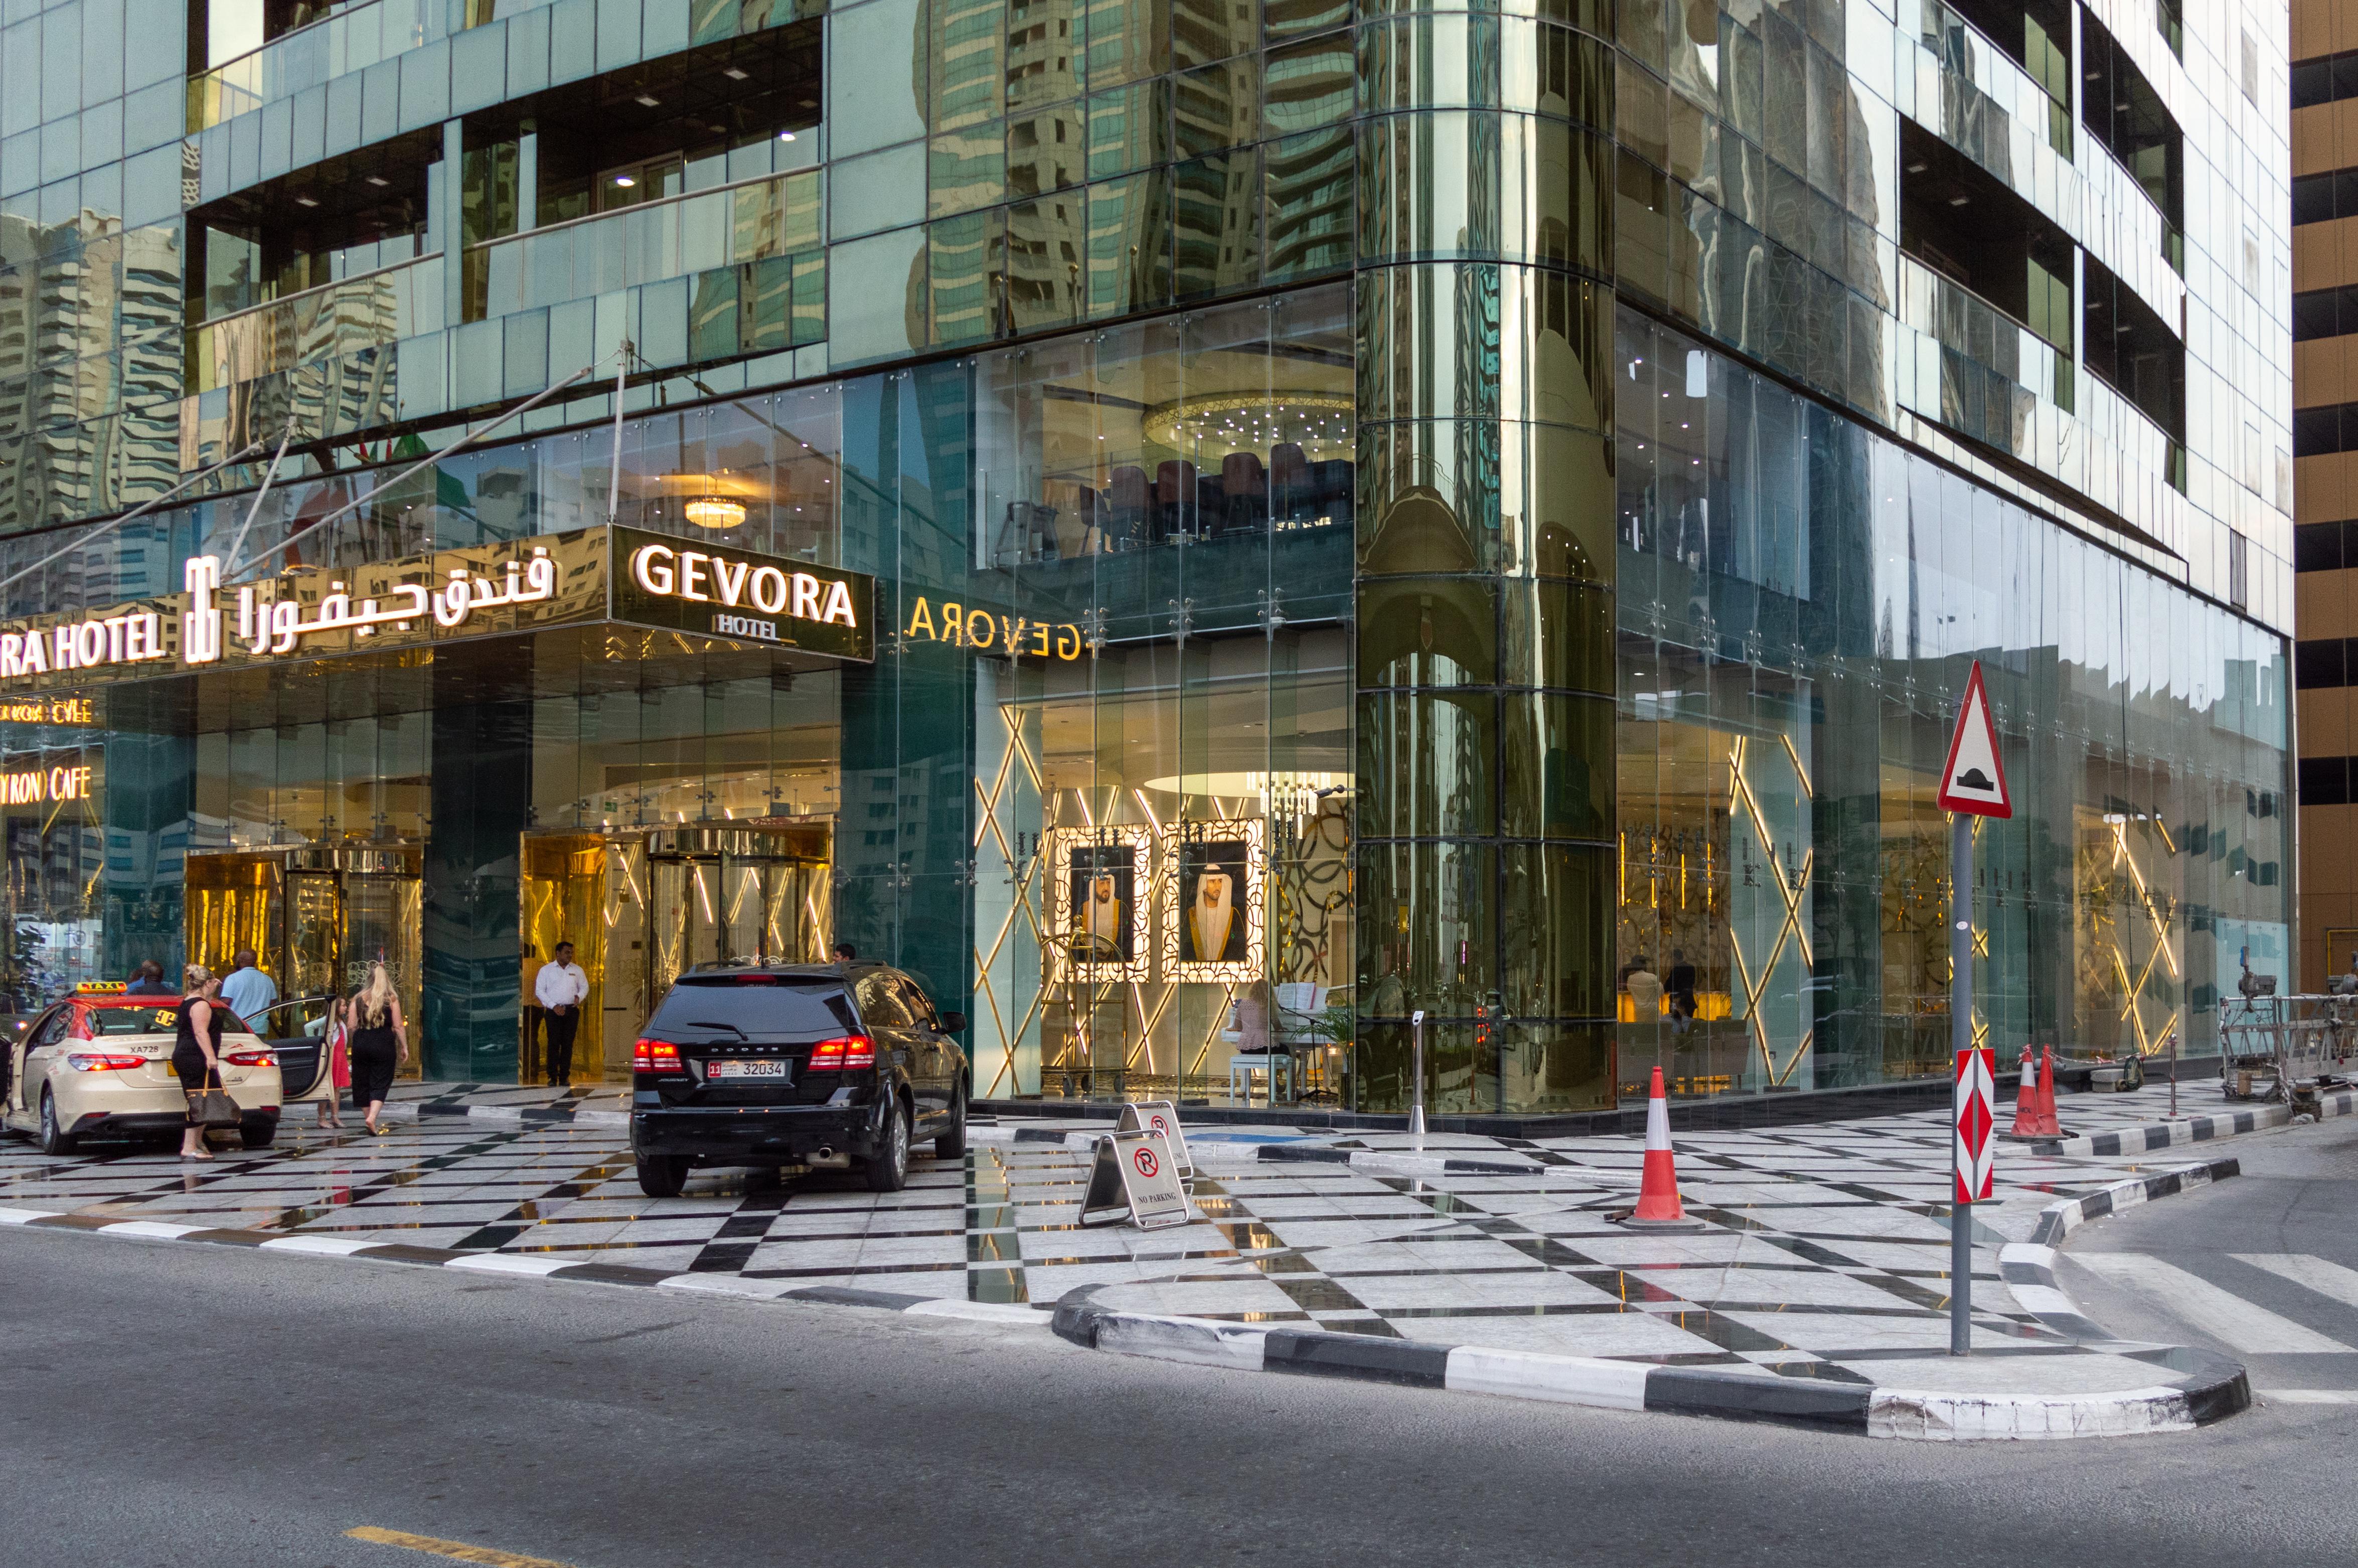 ورودی جوورا دبی |Gevora Hotel